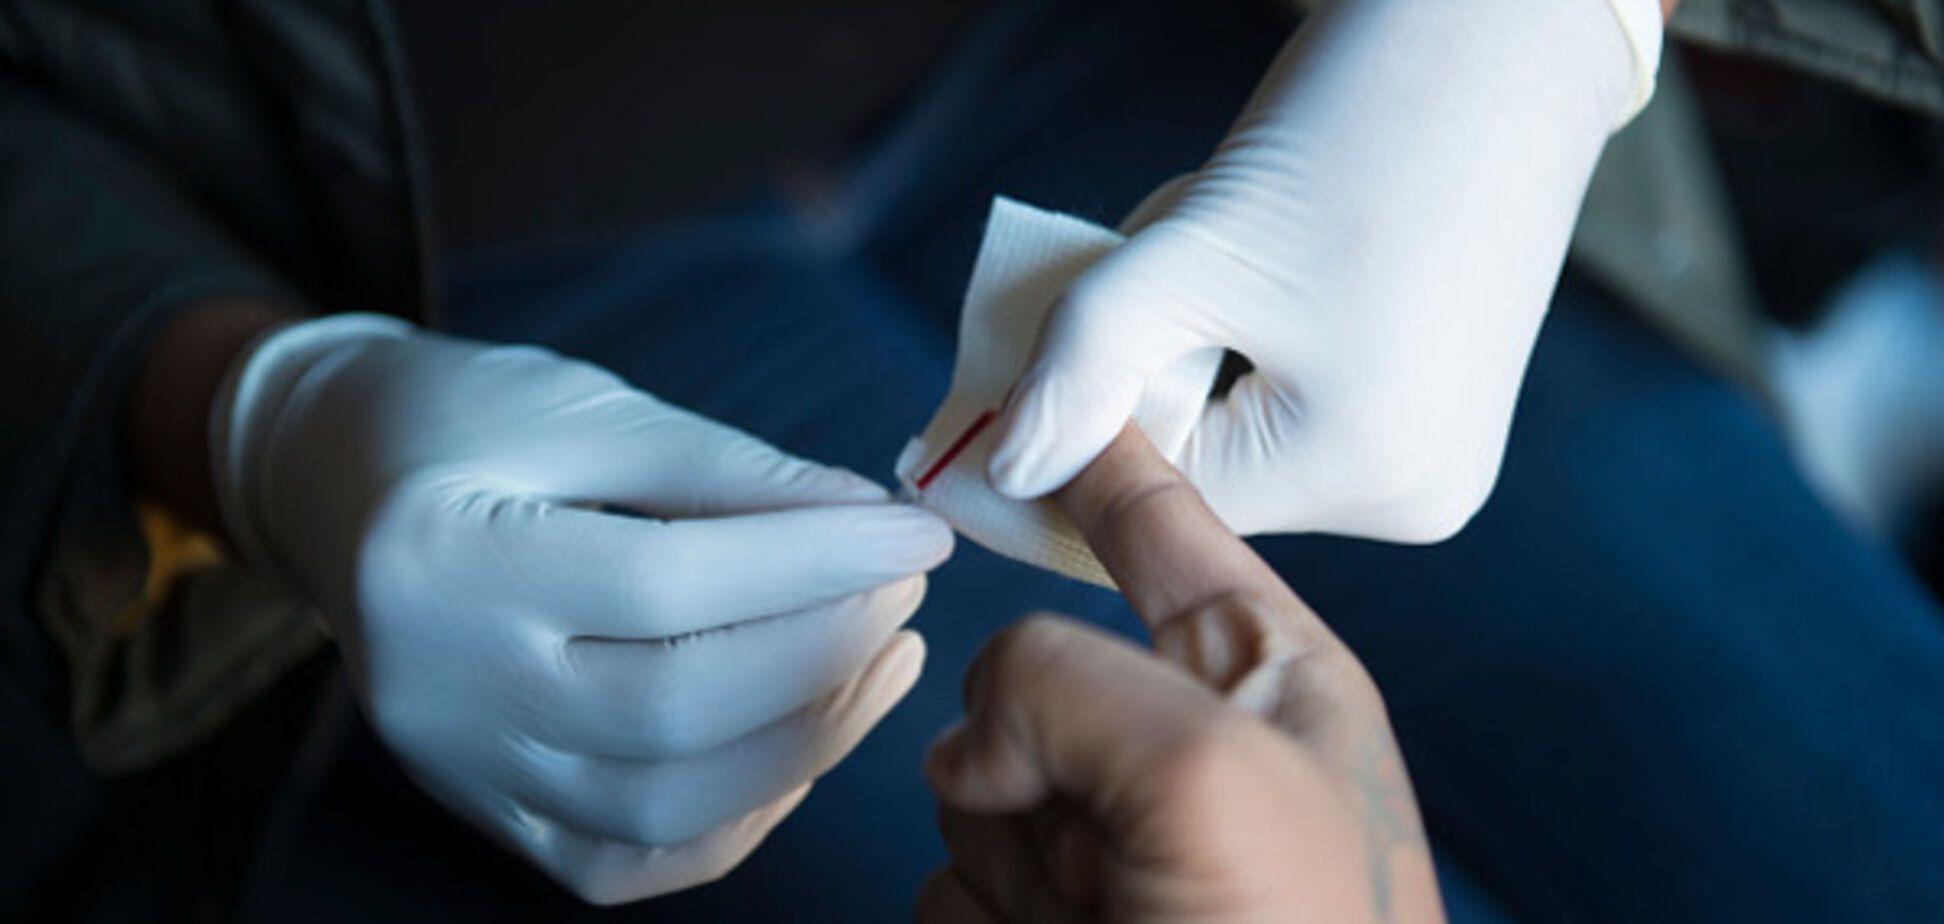 Ребенка, родившегося с ВИЧ, смогли полностью вылечить от вируса